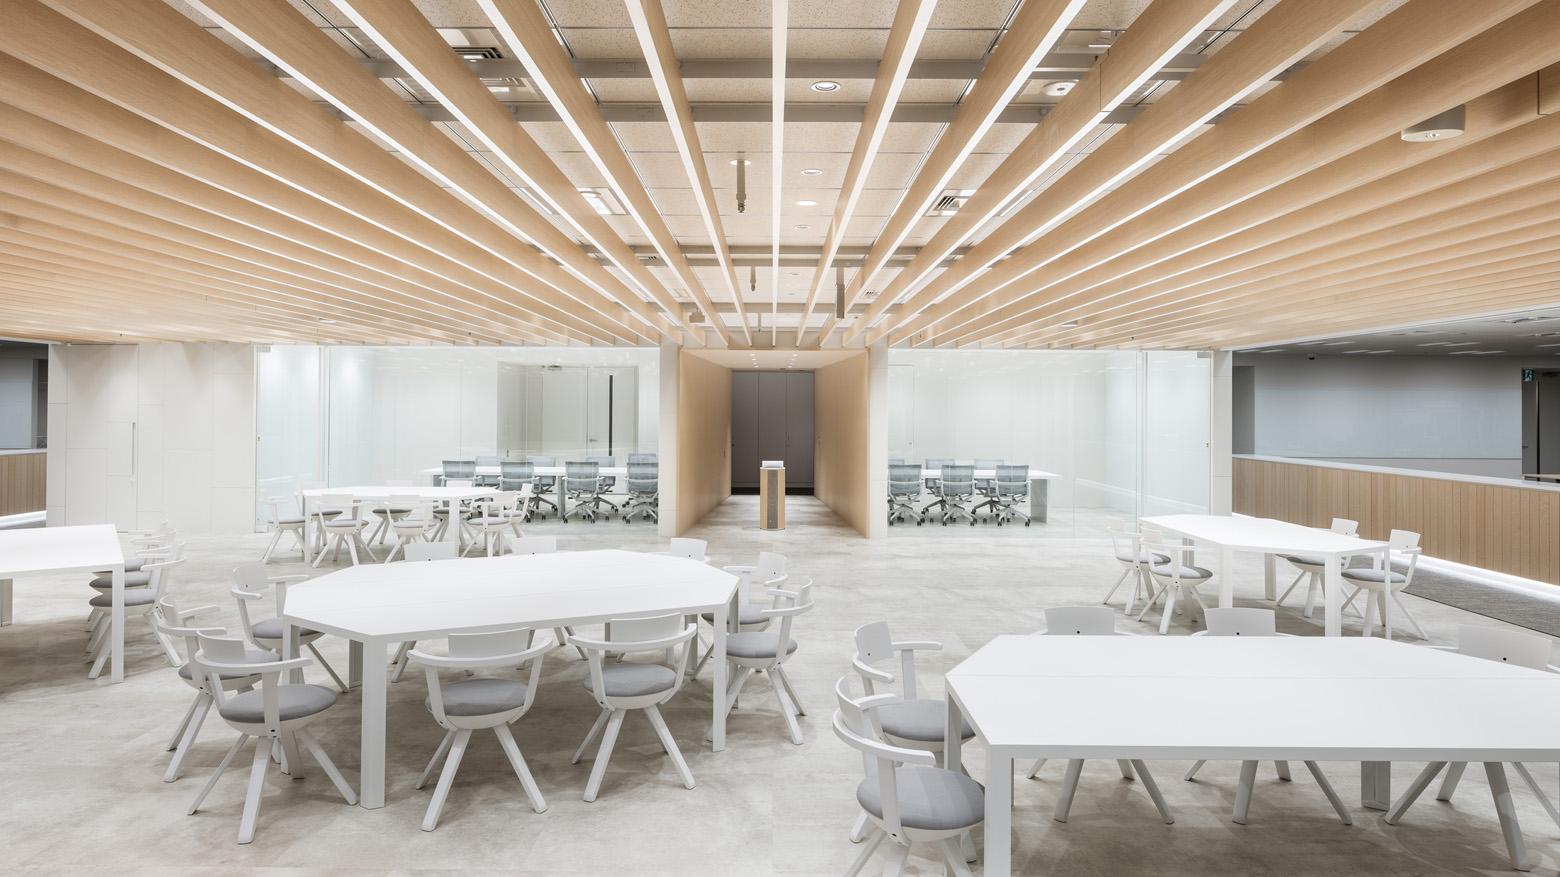 ダイアモンドヘッド株式会社  Sapporo Office Free Space_3 デザイン・レイアウト事例